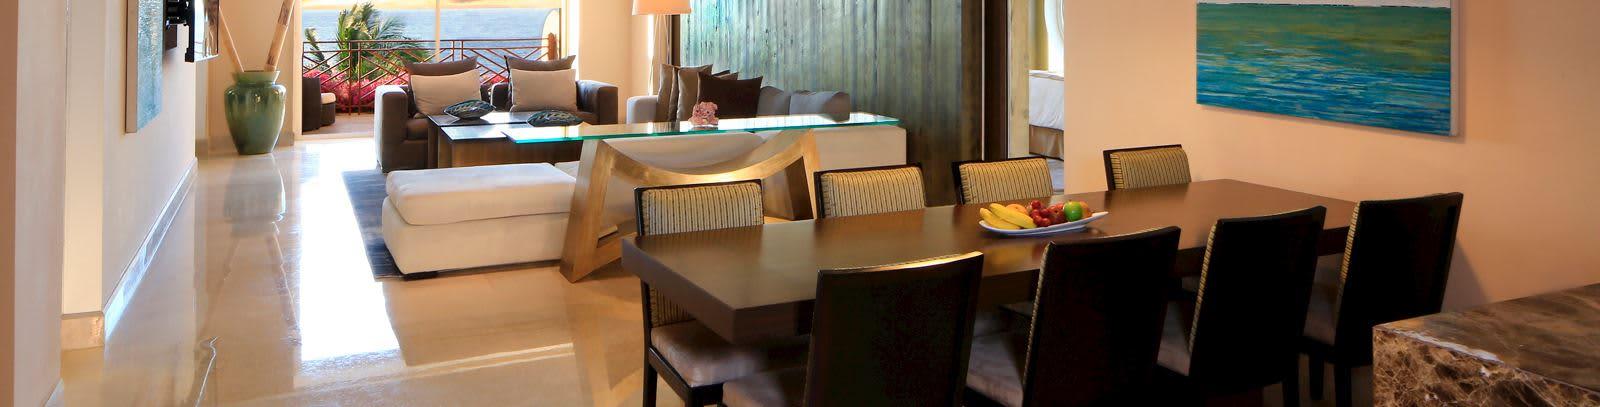 Grand Velas Riviera Maya - Suite Ambassador Presidencial Frente al Mar